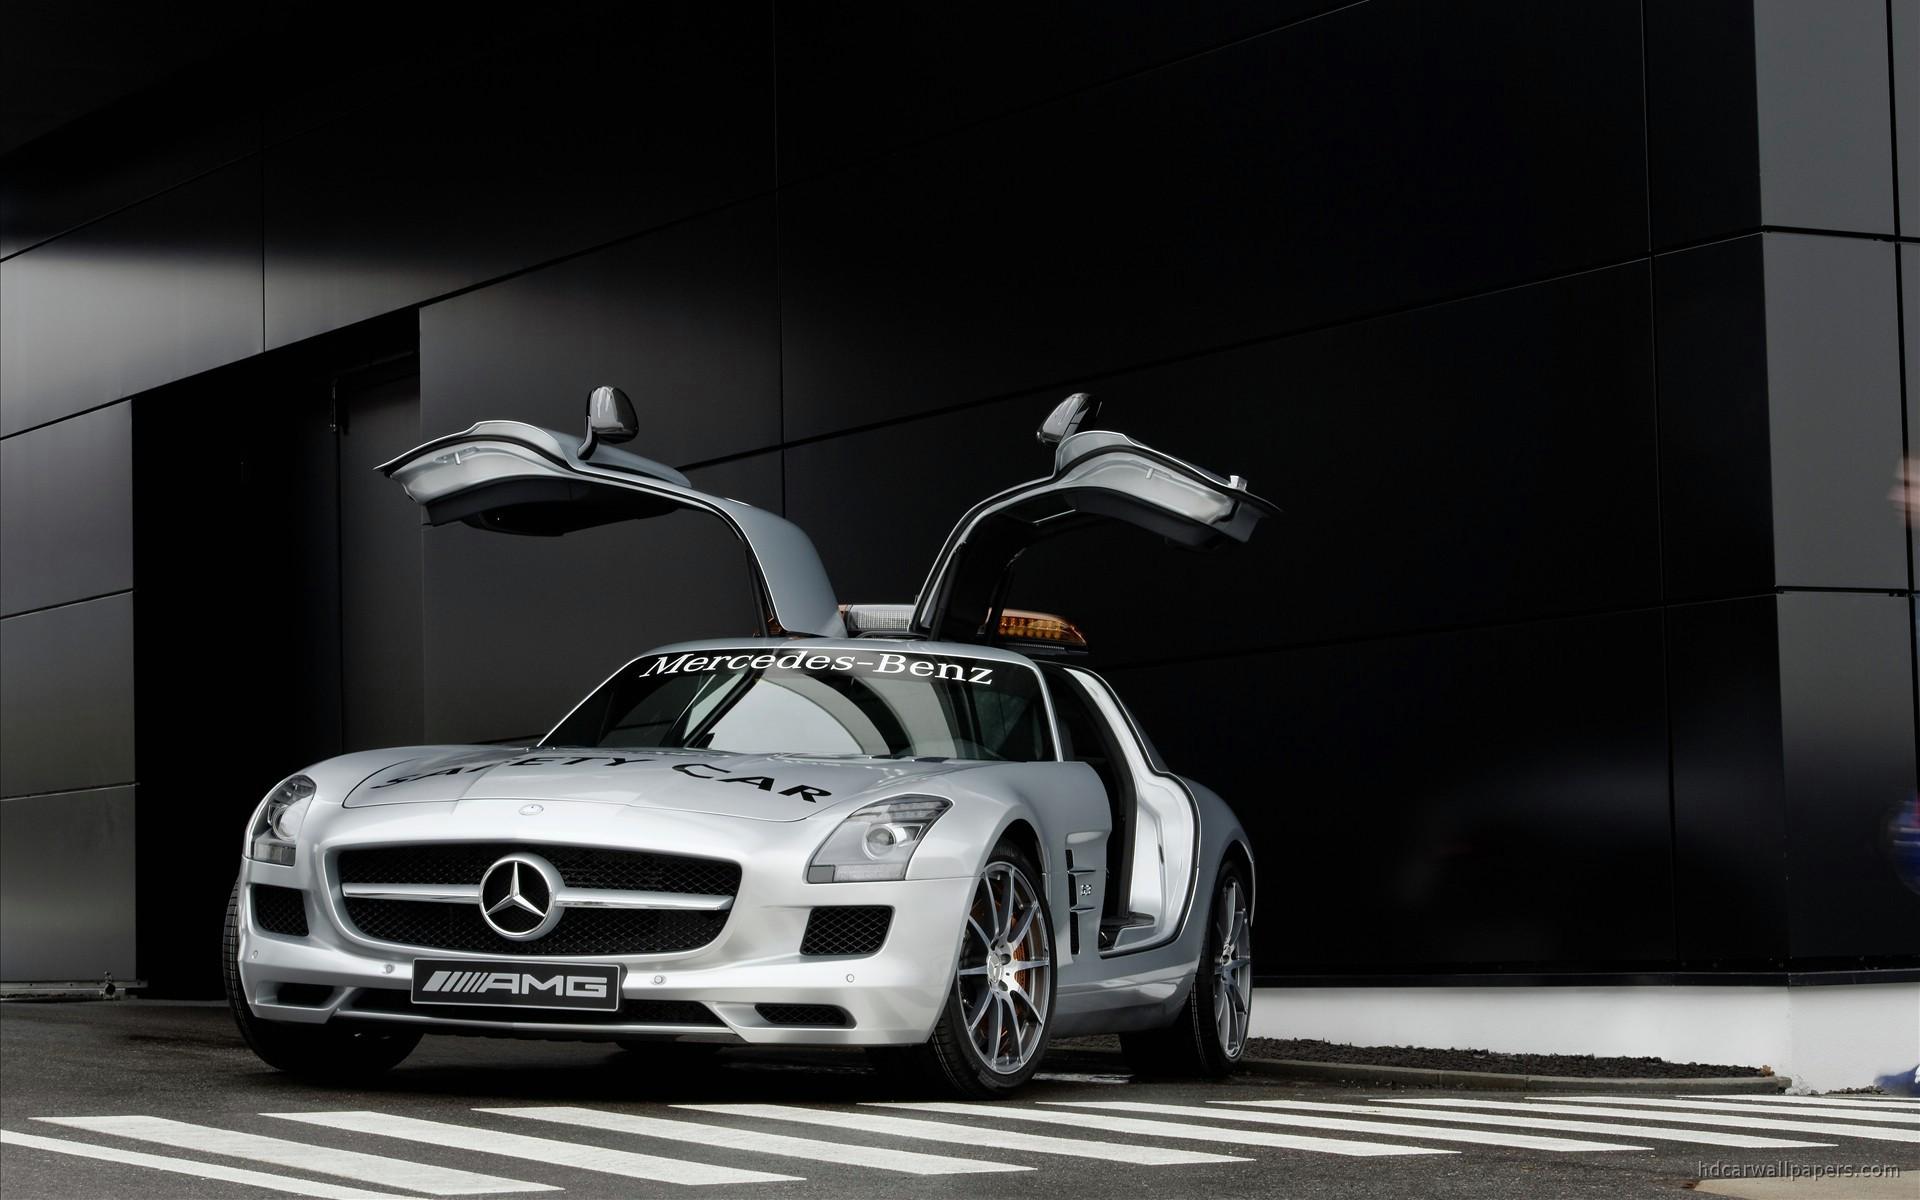 Mercedes F 015 >> 2010 Mercedes Benz SLS AMG F1 Safety Car Wallpaper | HD ...